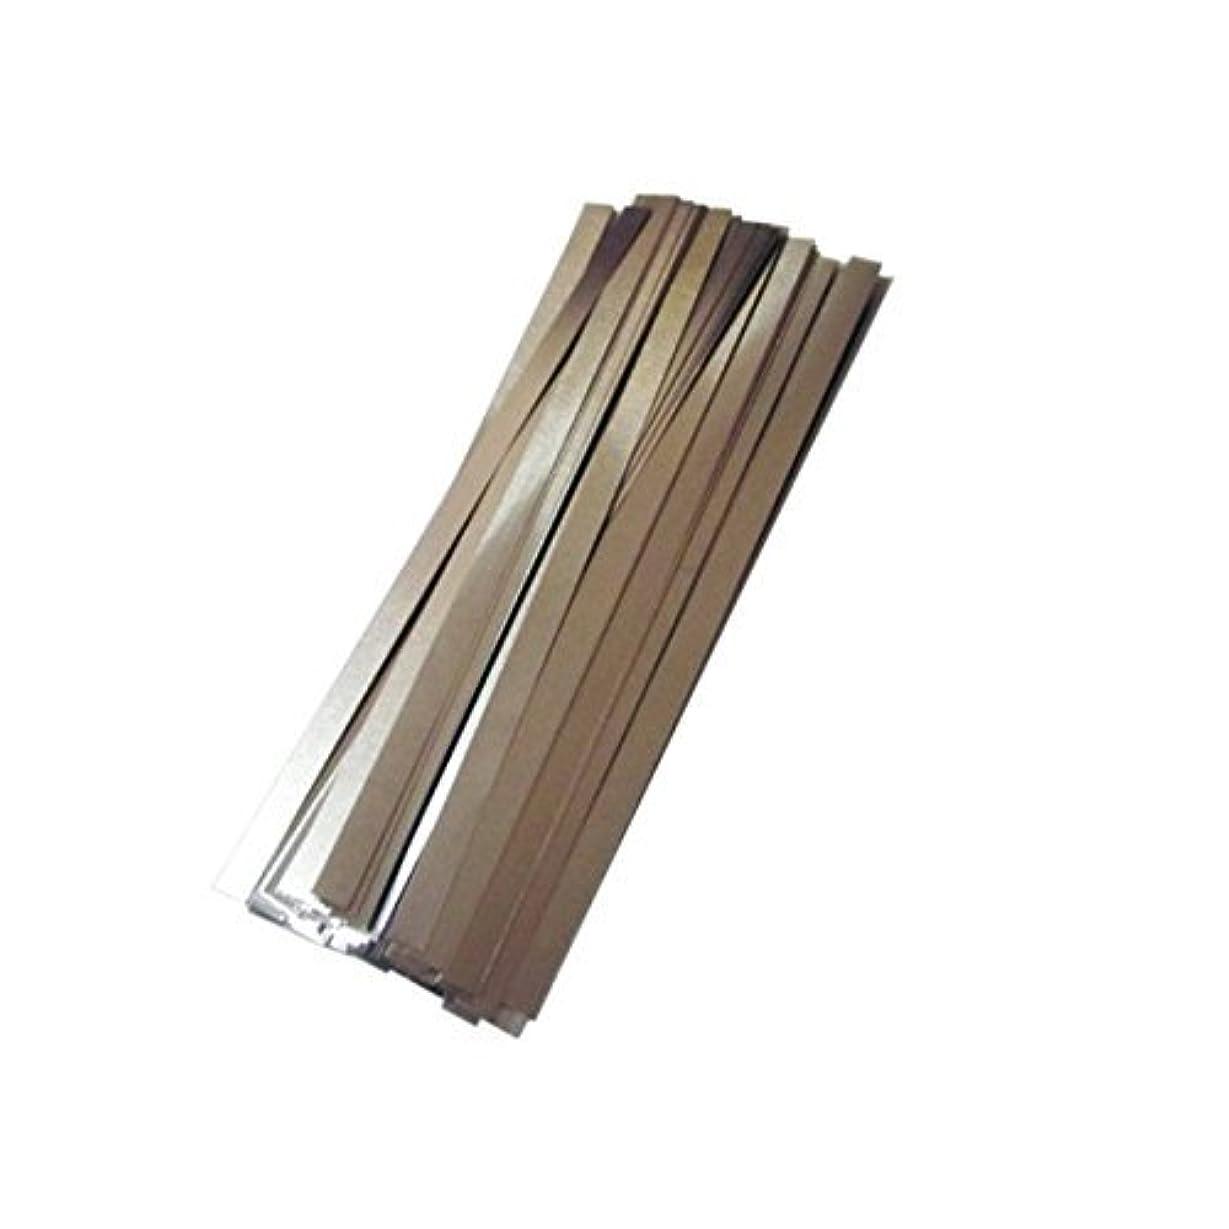 余暇乳剤歩き回るzmart 充電池タブ 8x100x0.1mm 50本 18650 リチウムイオン